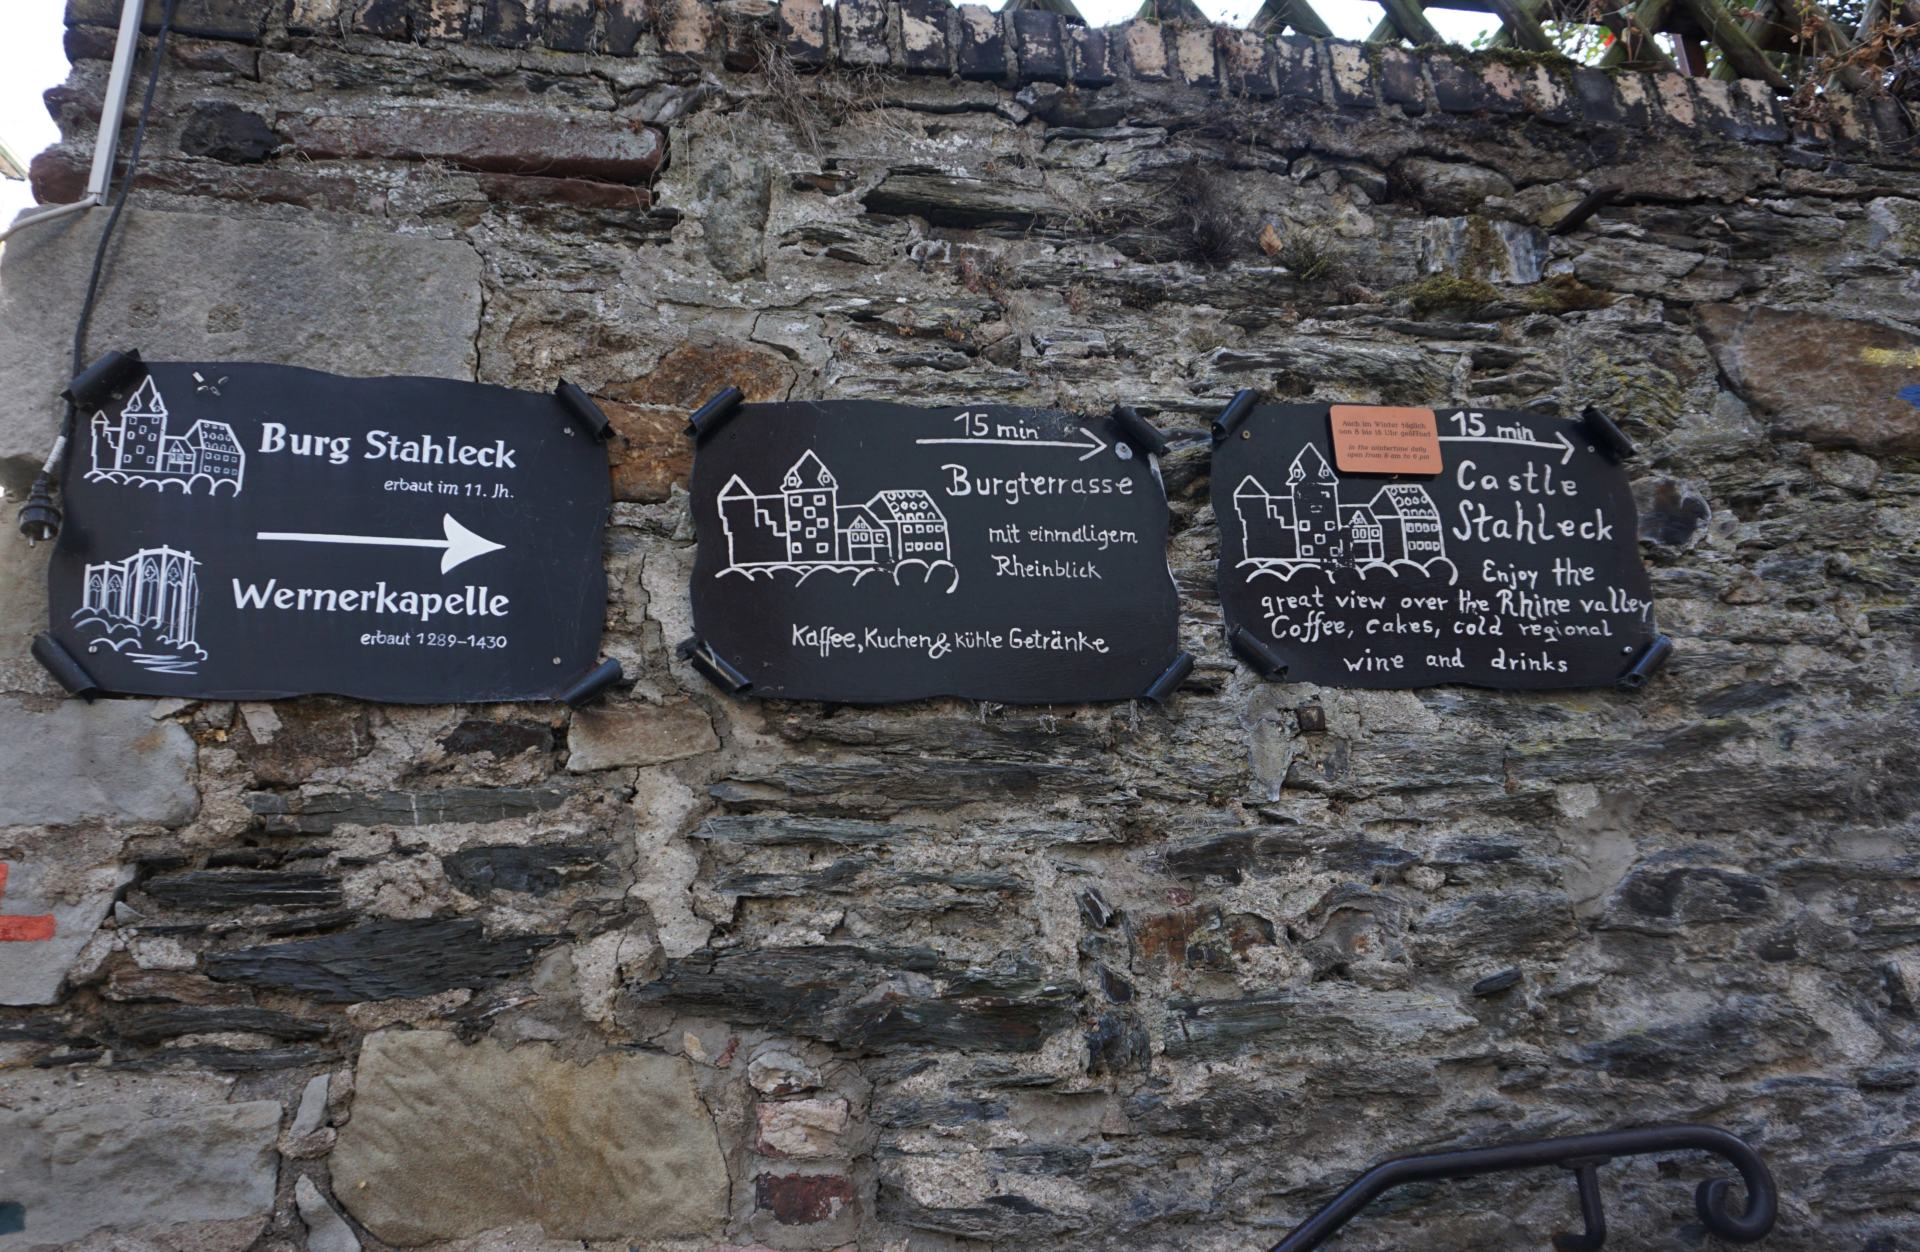 Schilder in Bacharach zur Burg Stahleck